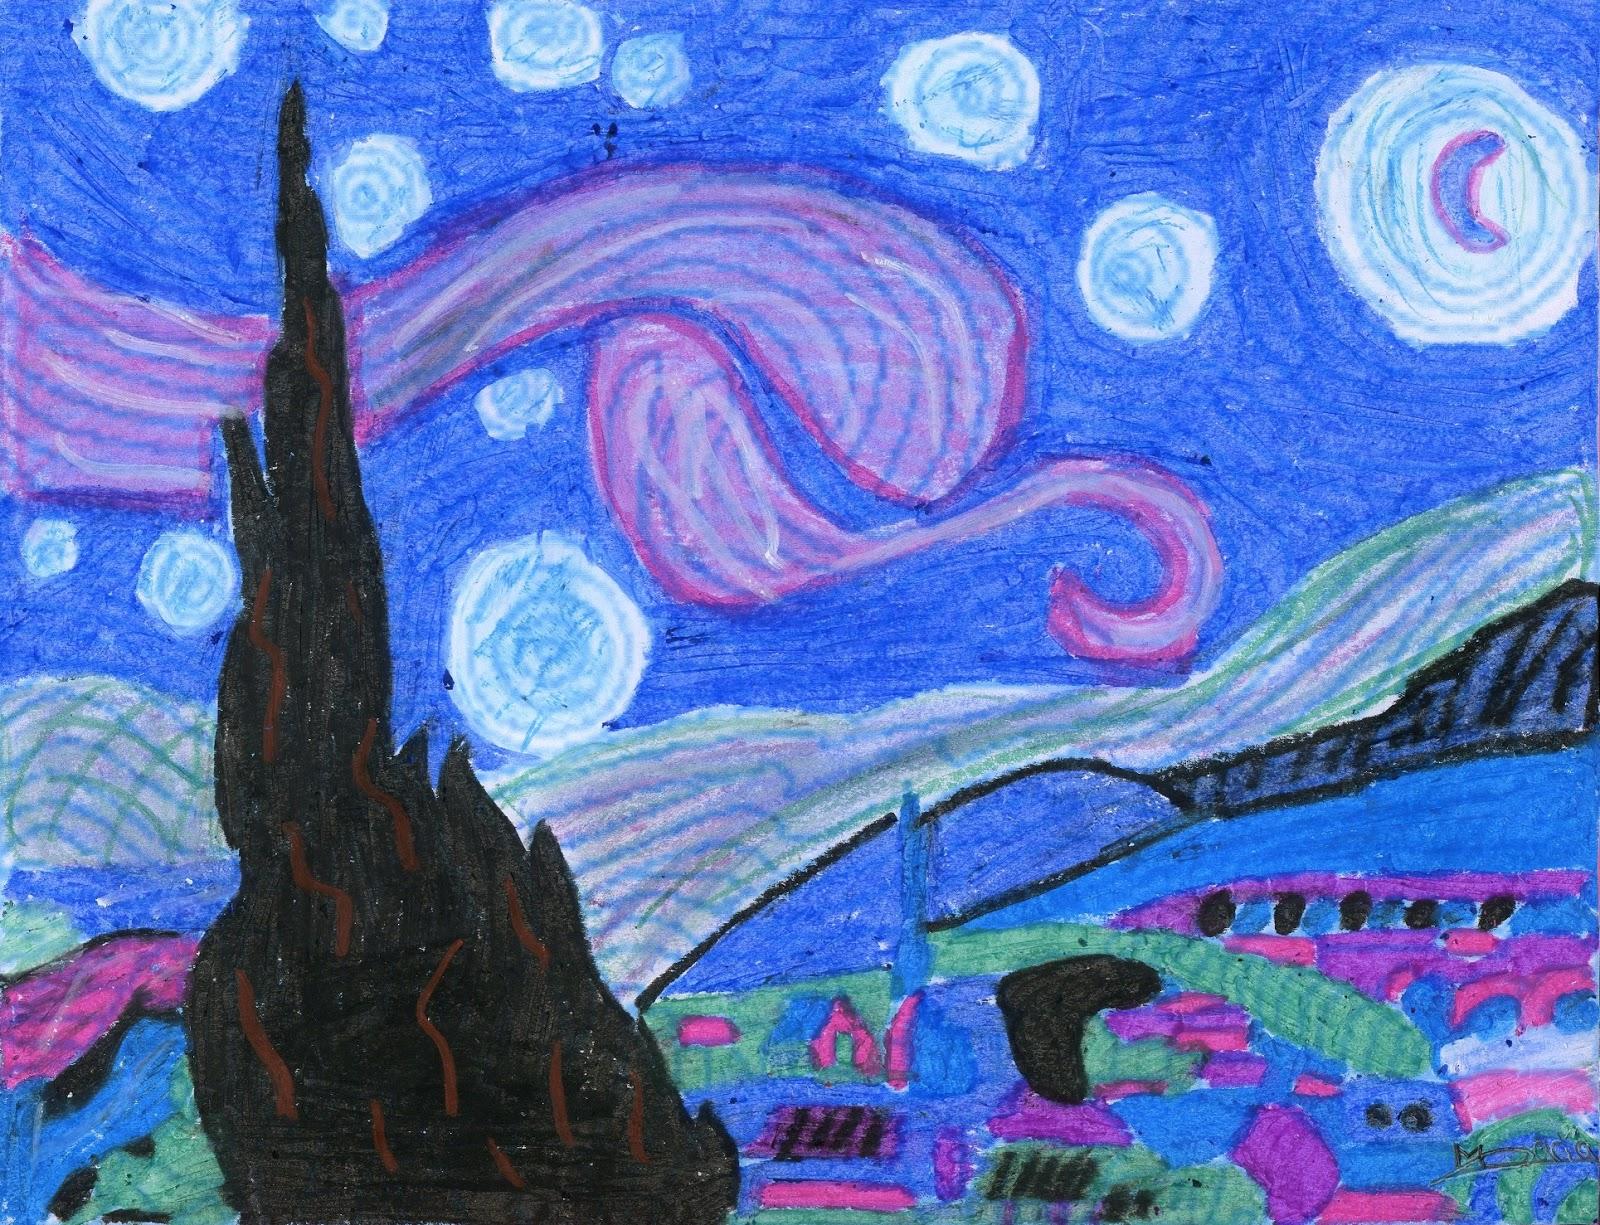 Enlerenando en pl stica pintamos a van gogh en colores - Imagenes de colores calidos ...